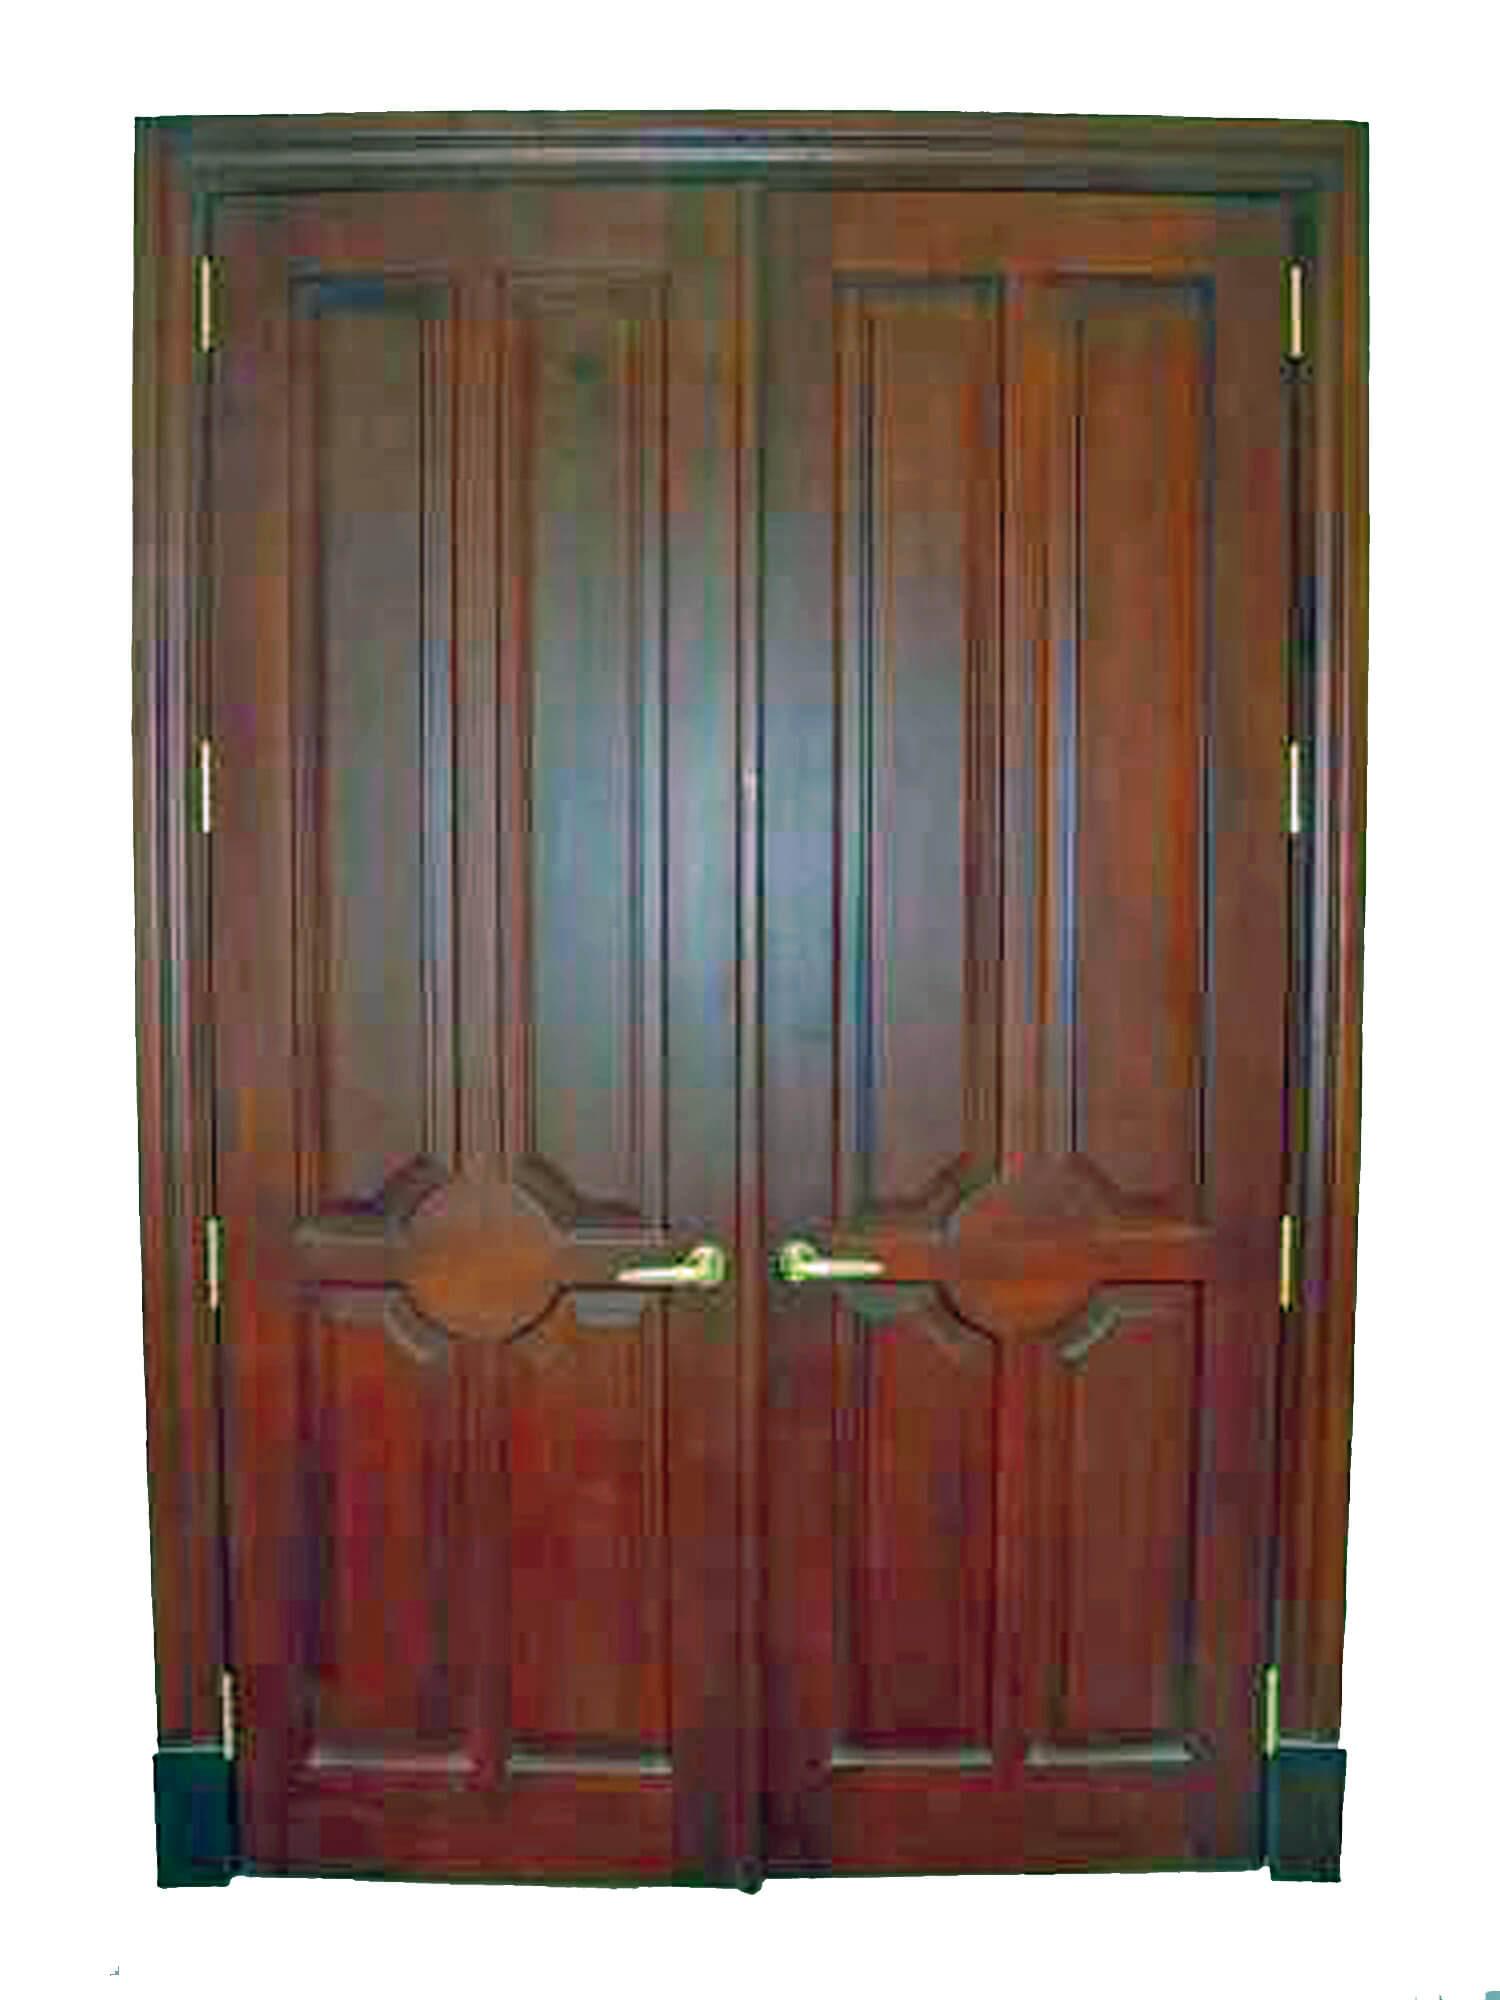 BAL HARBOUR DOOR.